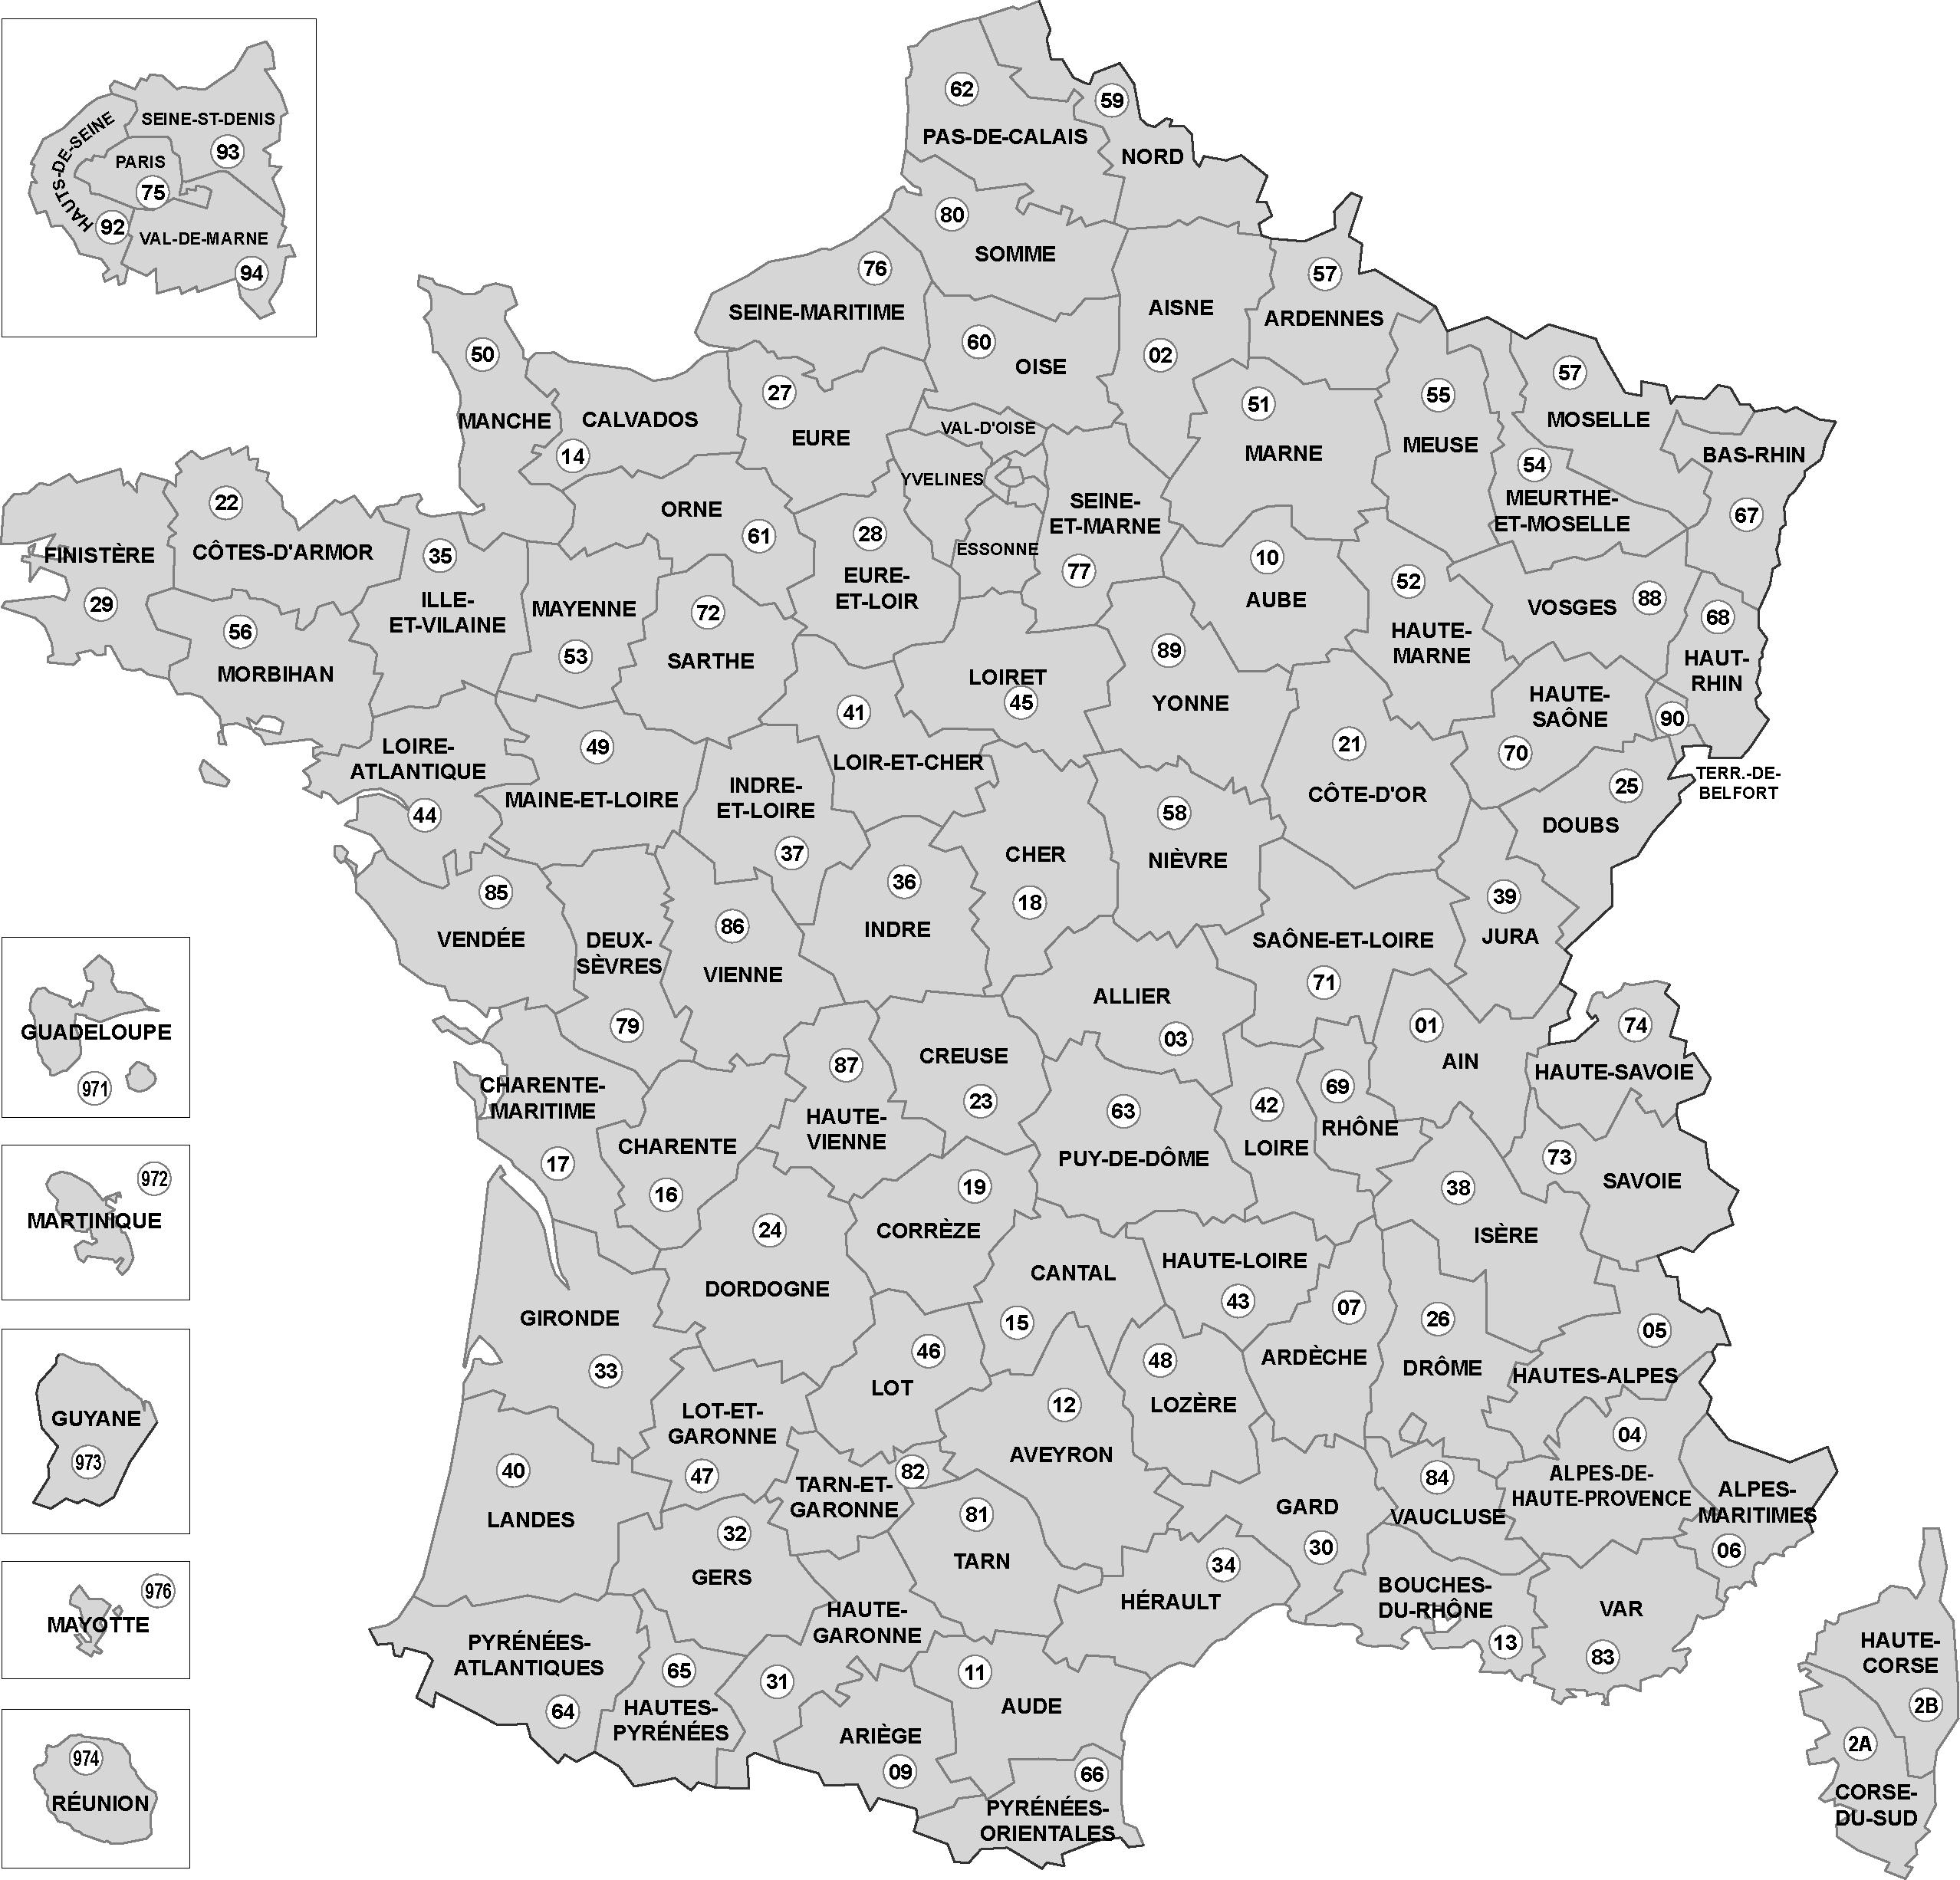 Cartes De France, Cartes Et Rmations Des Régions dedans Carte Numero Departement